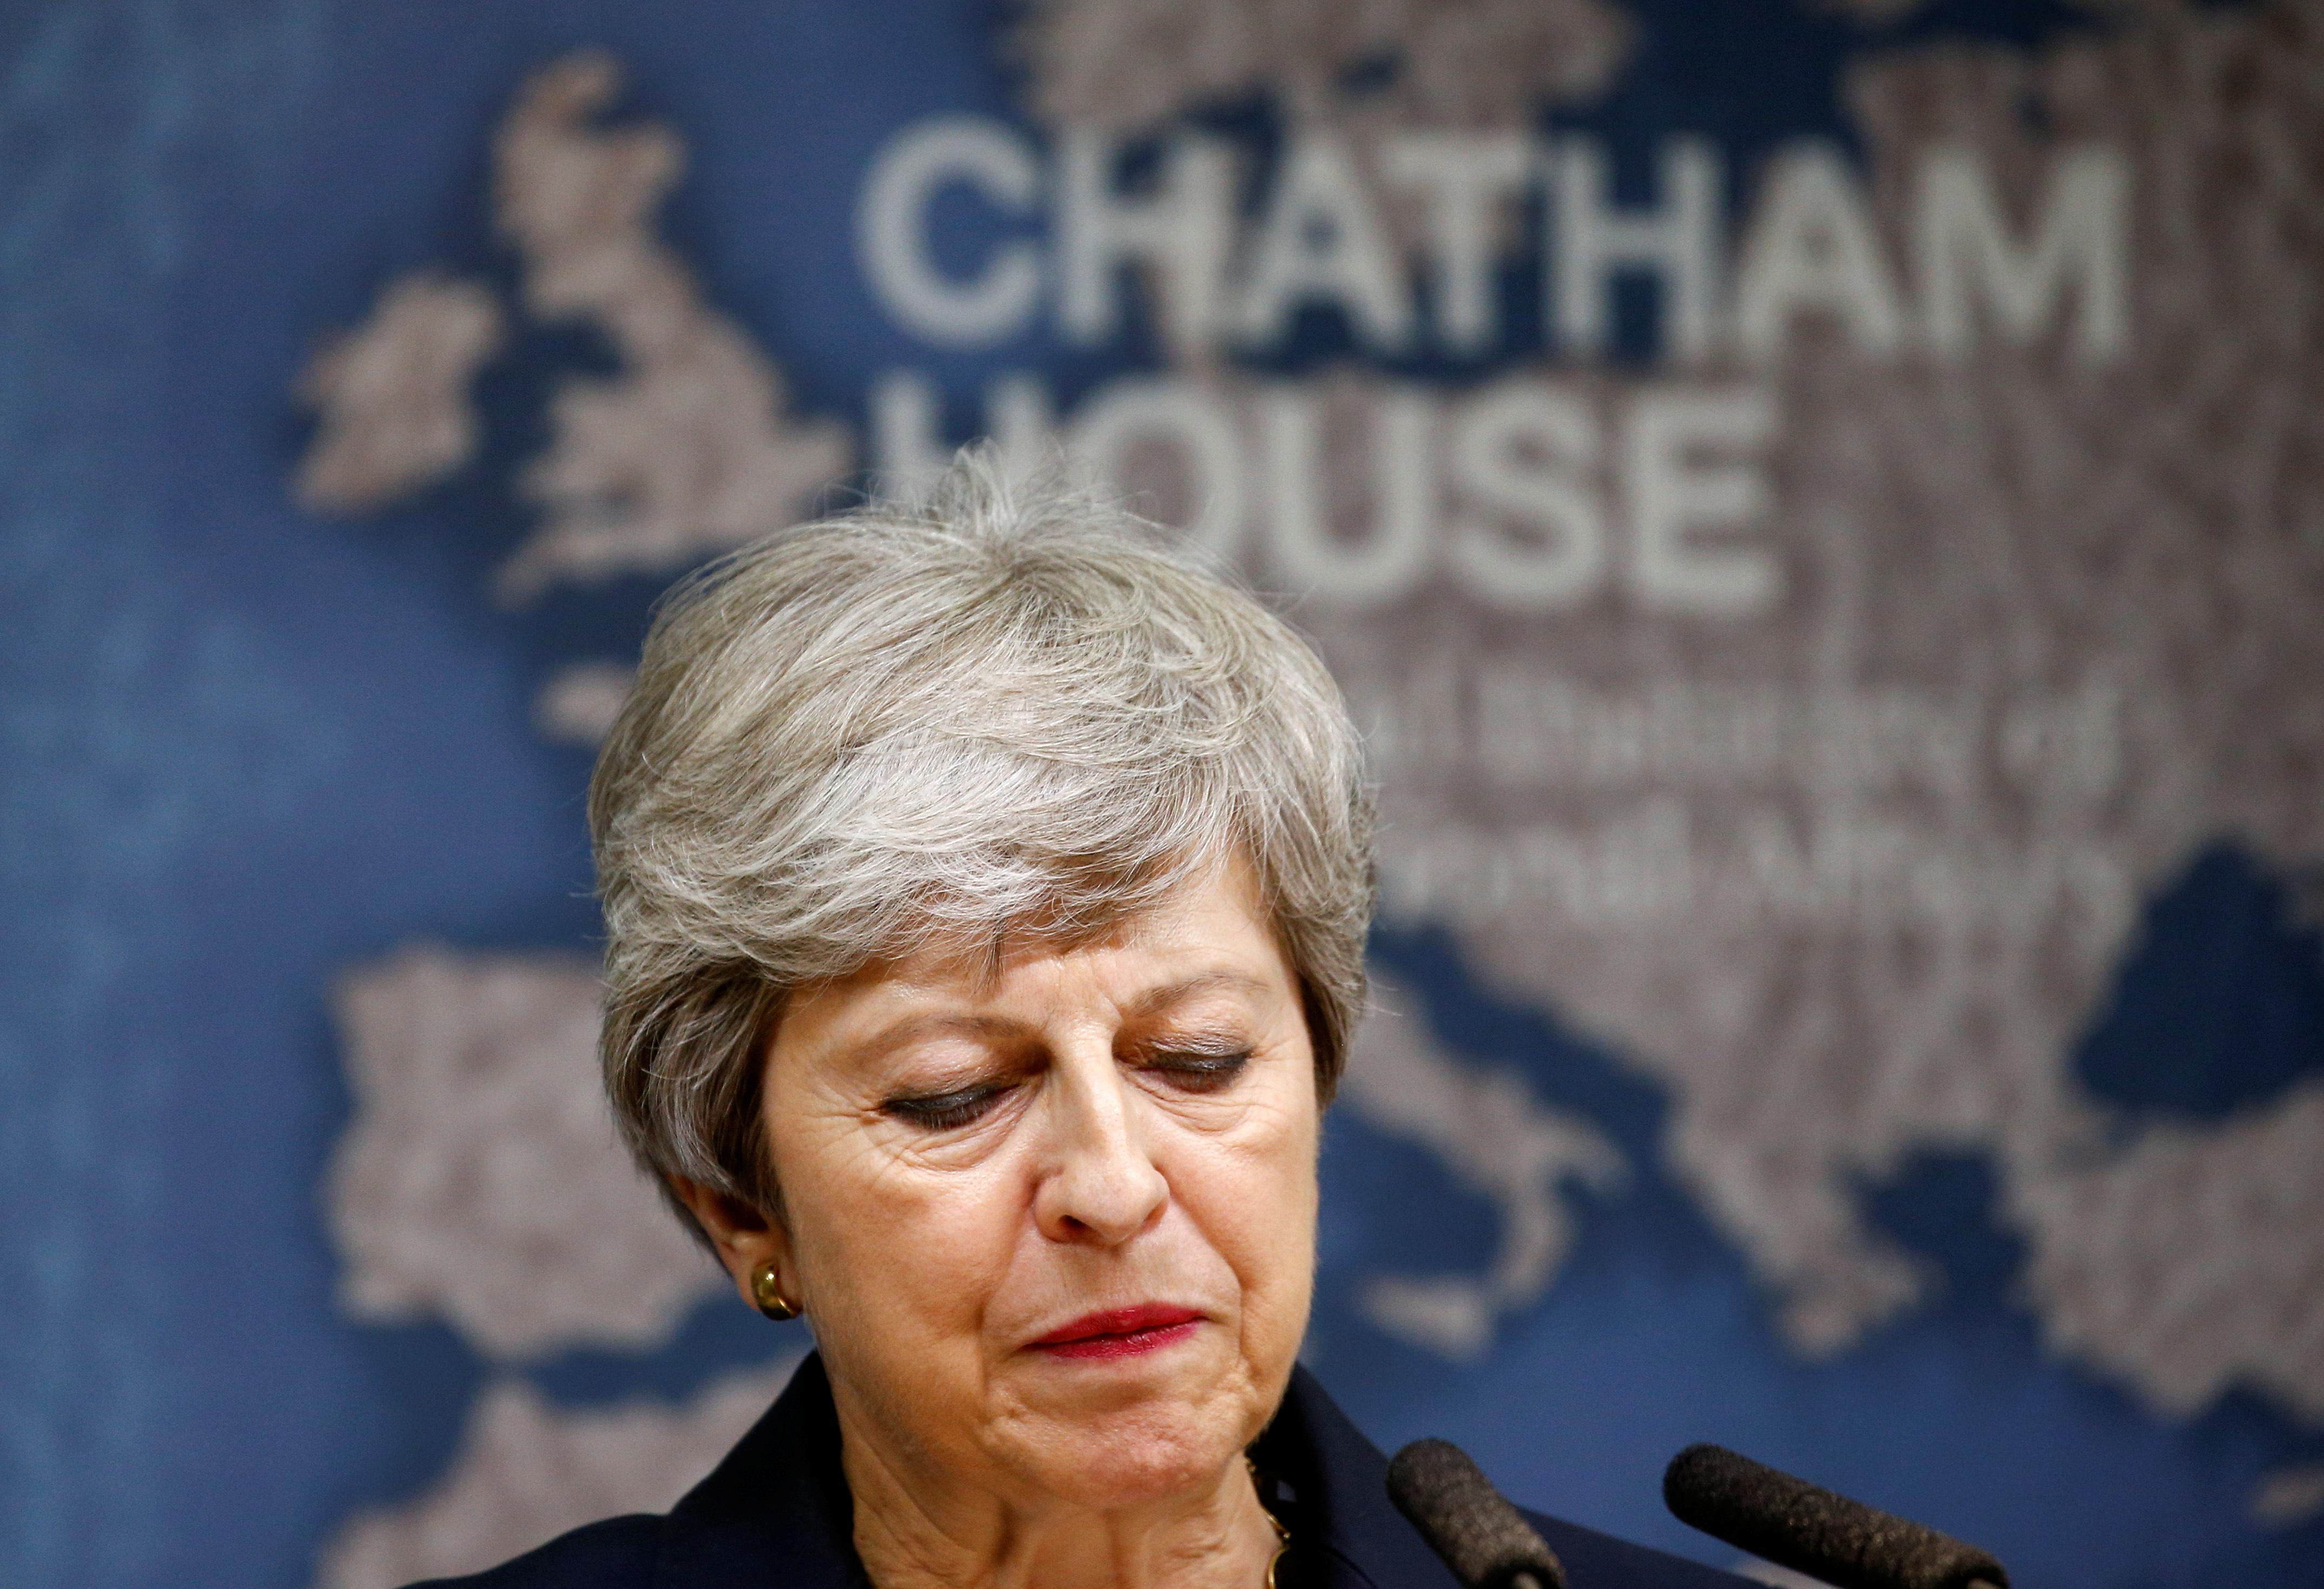 Αποκάλυψη σοκ! Το σχέδιο Brexit της Μέι απορρίφθηκε λόγω σεξισμού